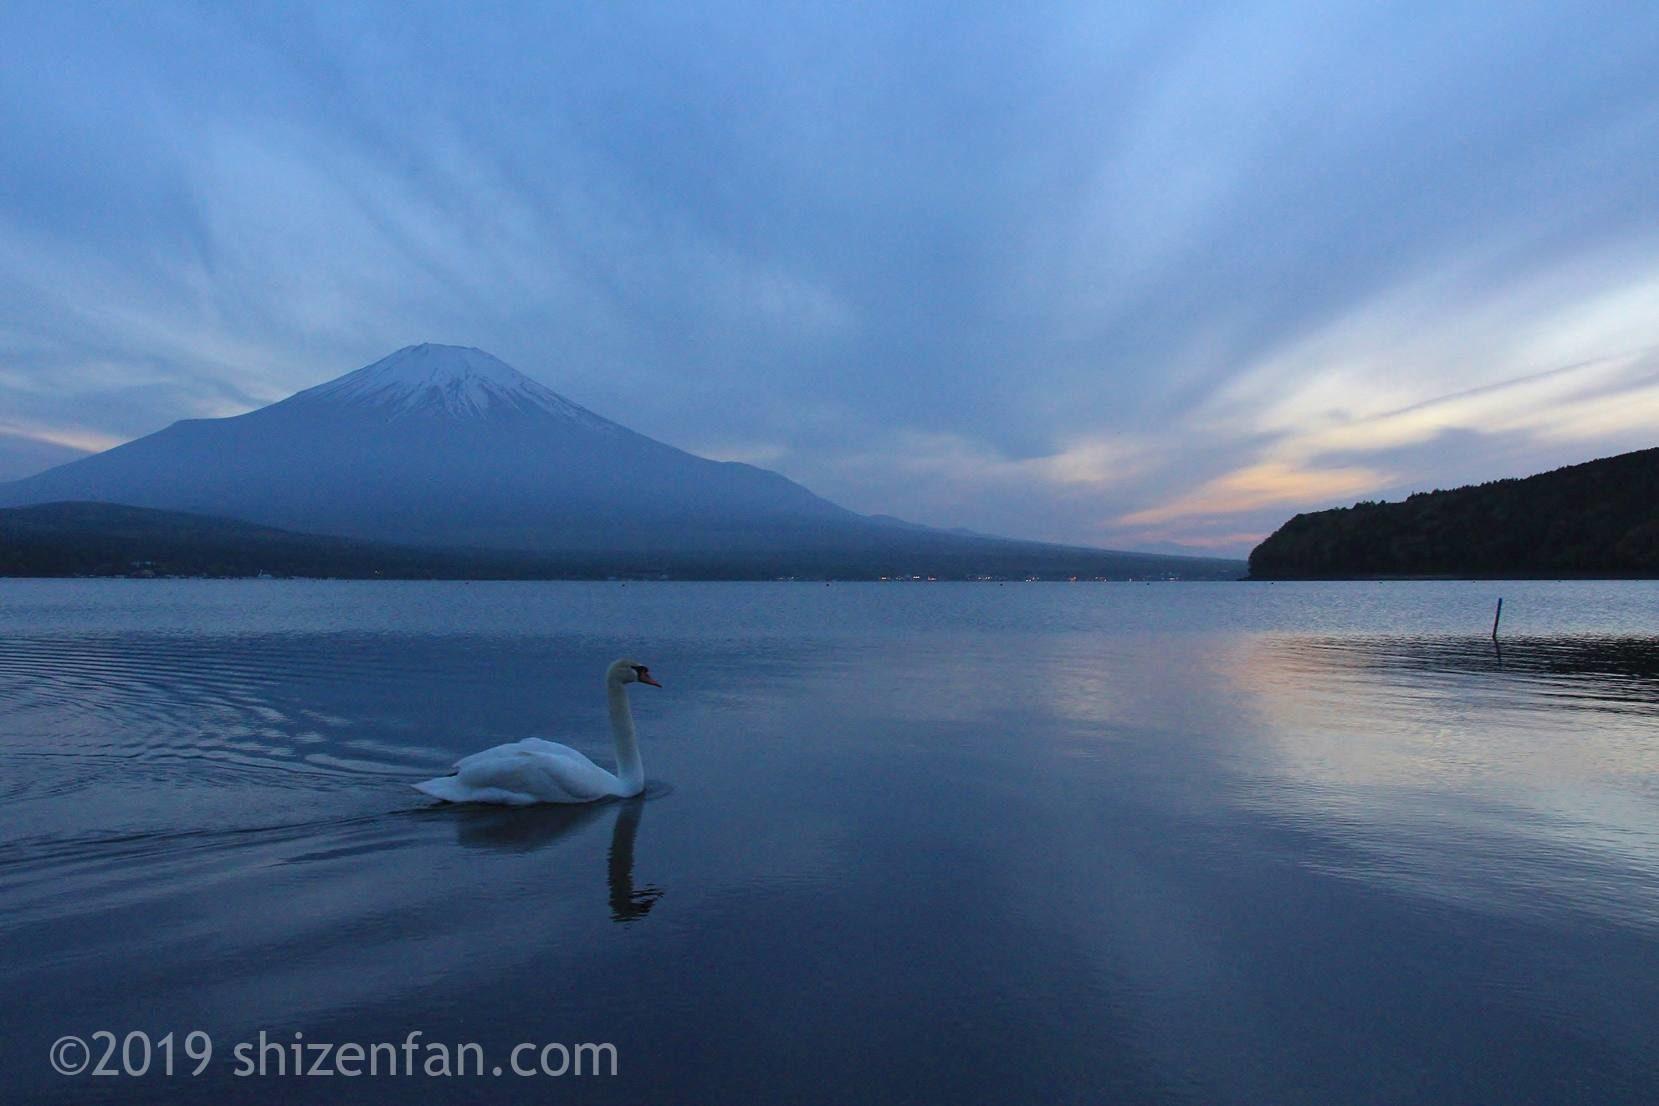 夕暮れの山中湖と一羽の白鳥